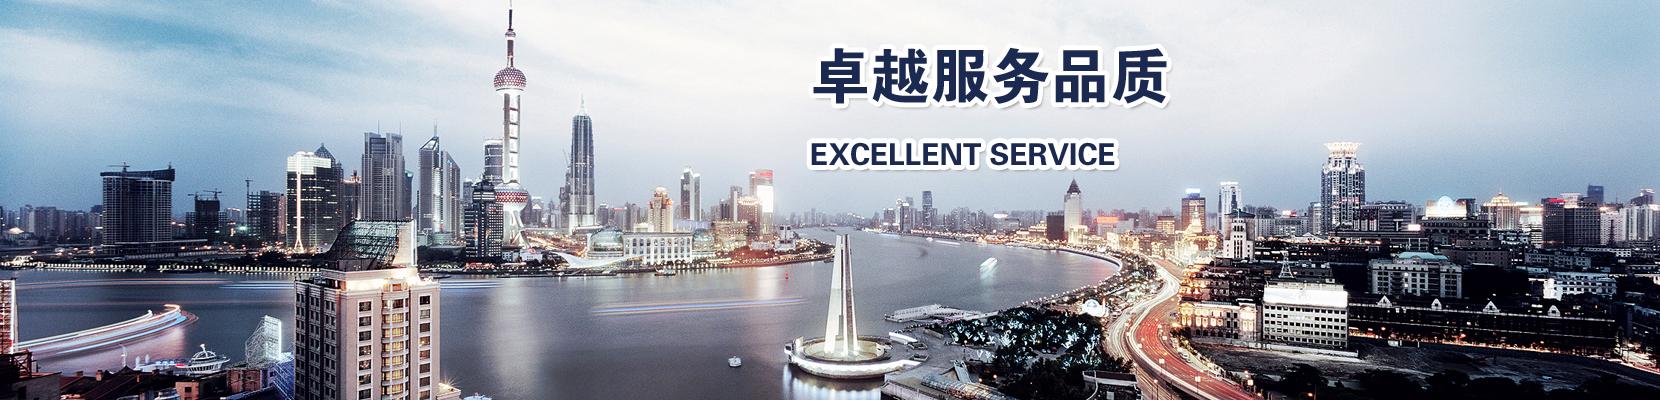 上海离婚律师大图一